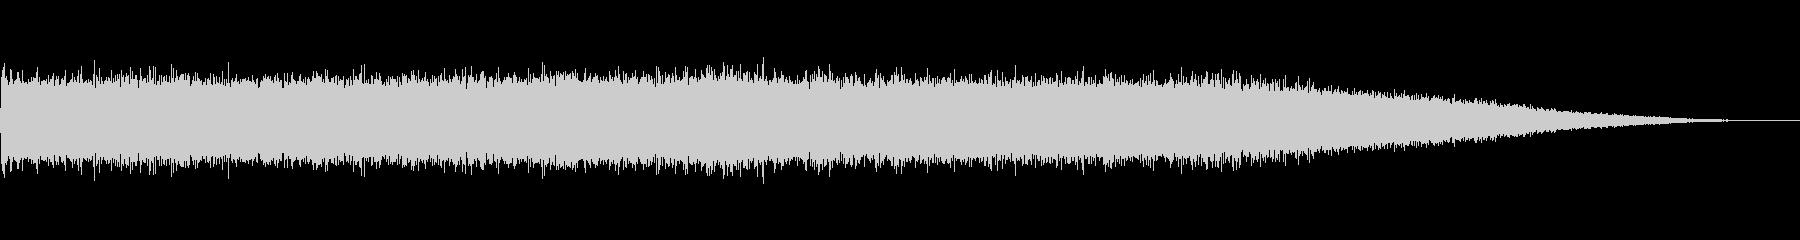 ブオーー!ミーンミーン…室外機と蝉の音の未再生の波形